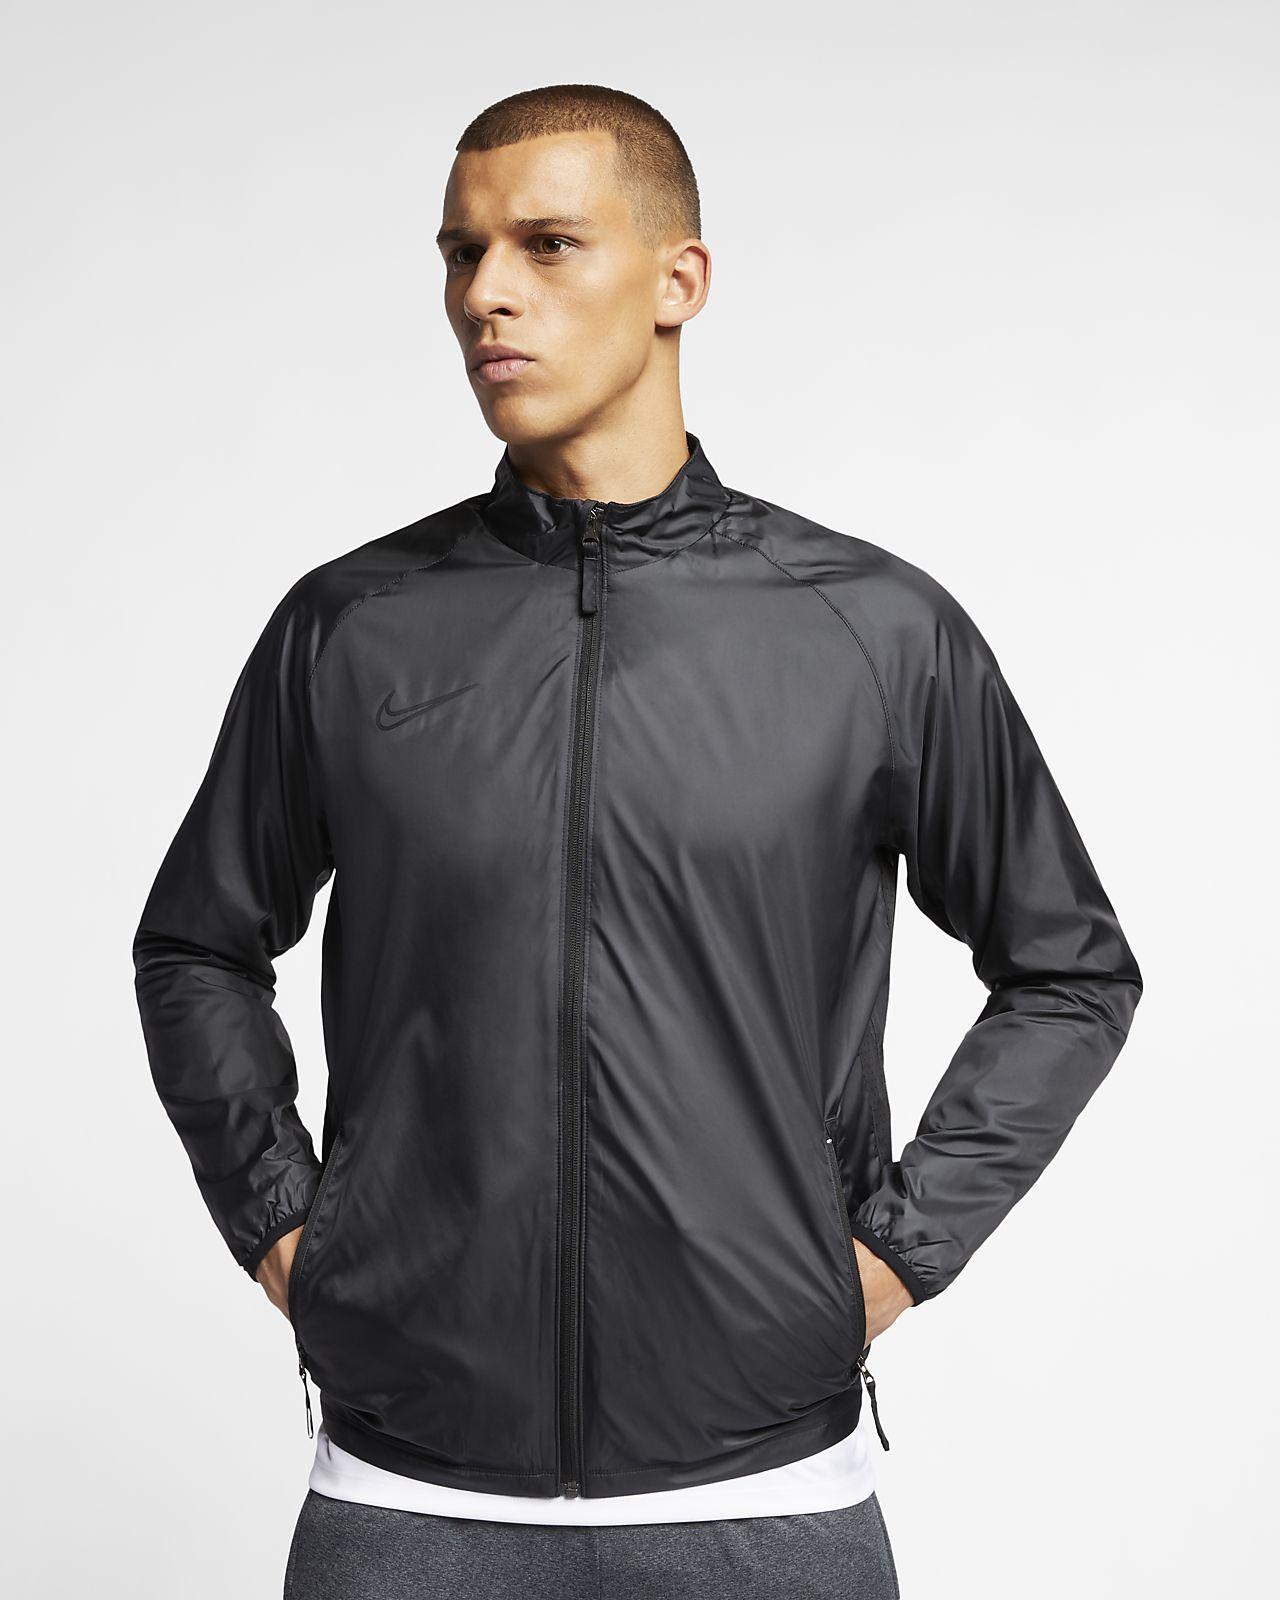 Fotbollsjacka Nike Repel Academy för män